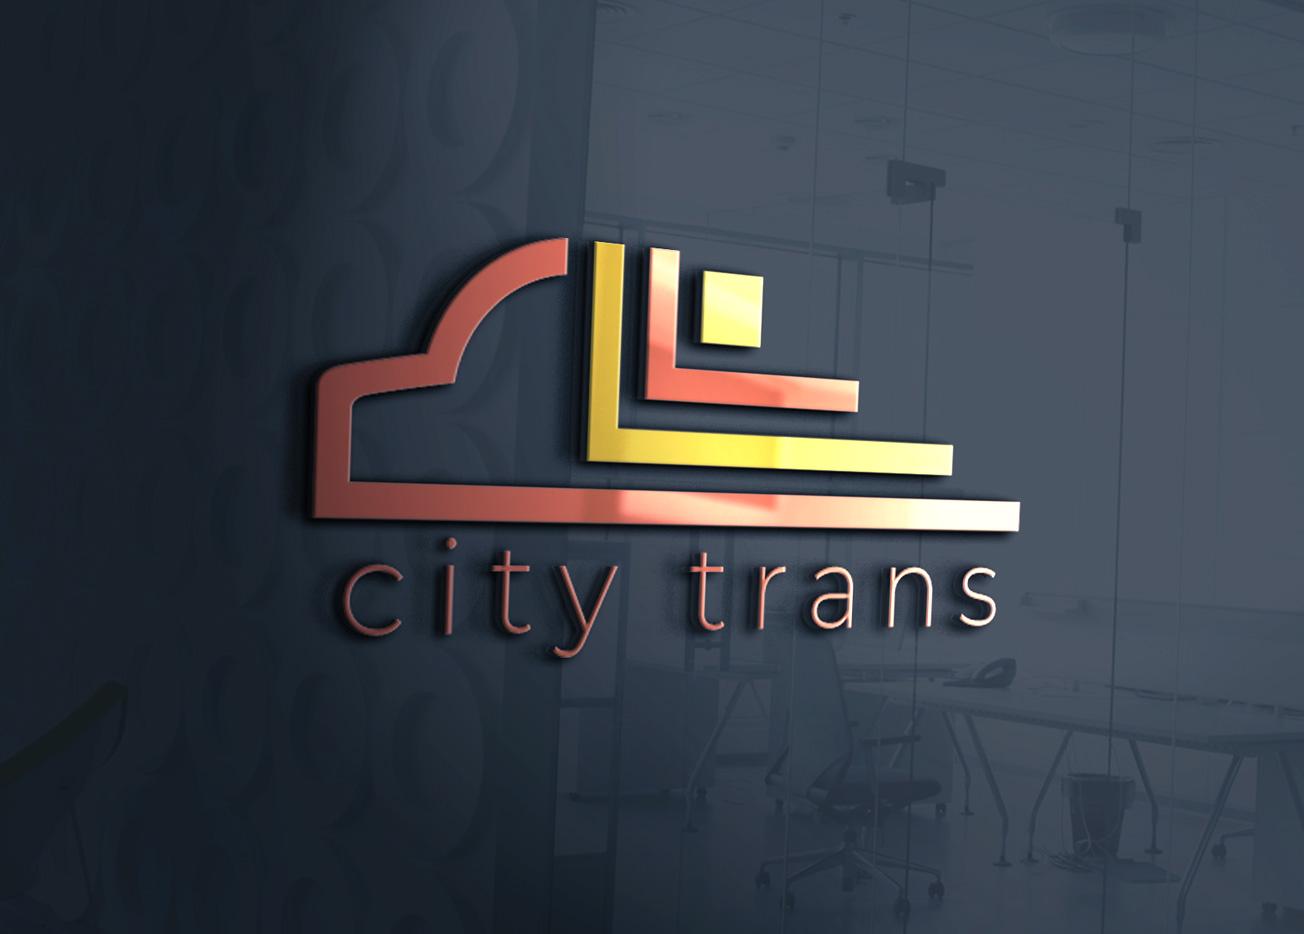 Разработка Логотипа транспортной компании фото f_3485e6f11c6685e6.jpg